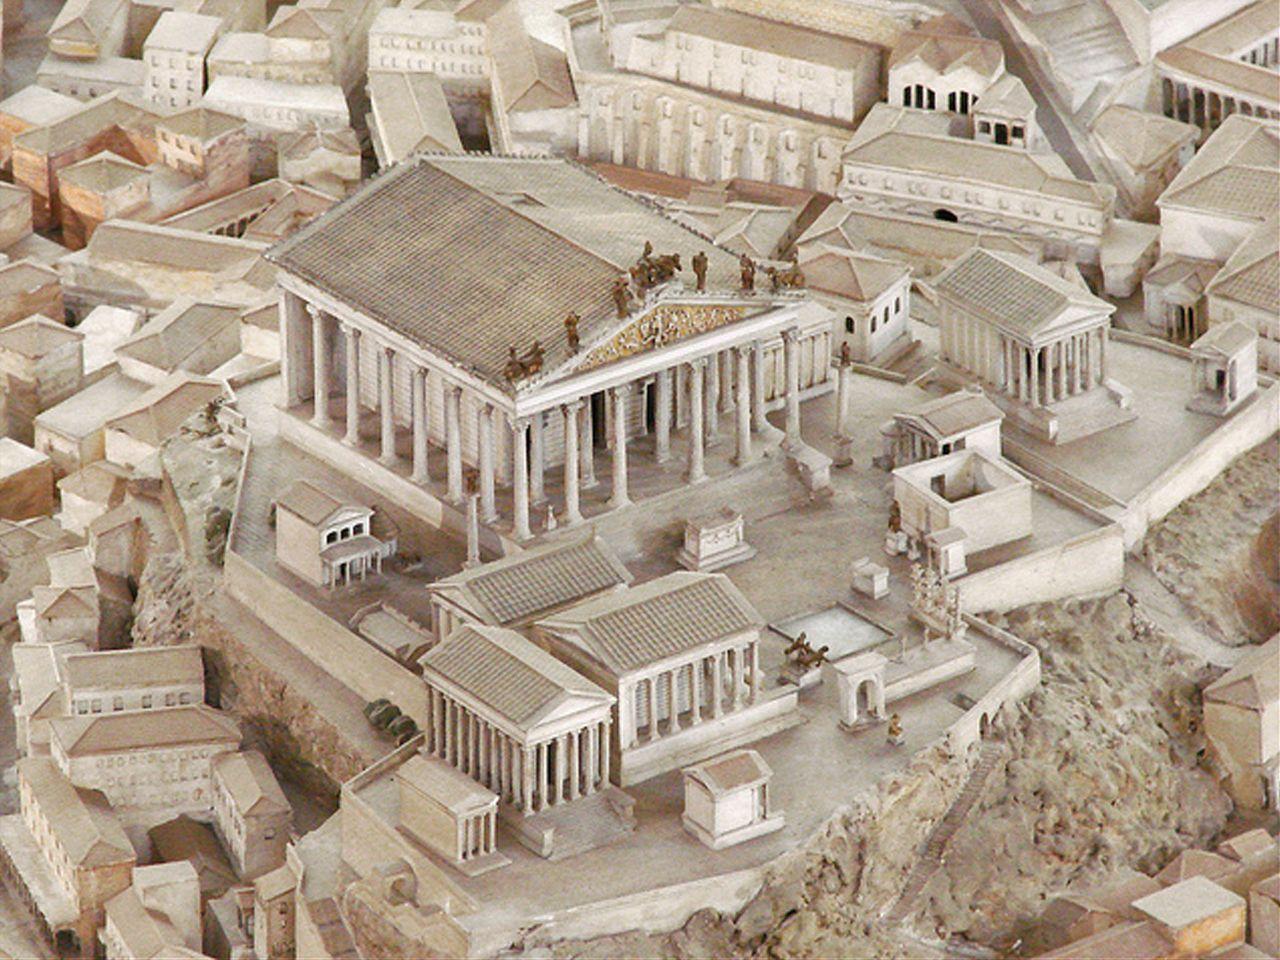 Temple of Jupiter Optimus Maximus (model, Museum of Roman Civilization) - built by the last King of Rome, Lucius Tarquinius Superbus end of 6th century BC